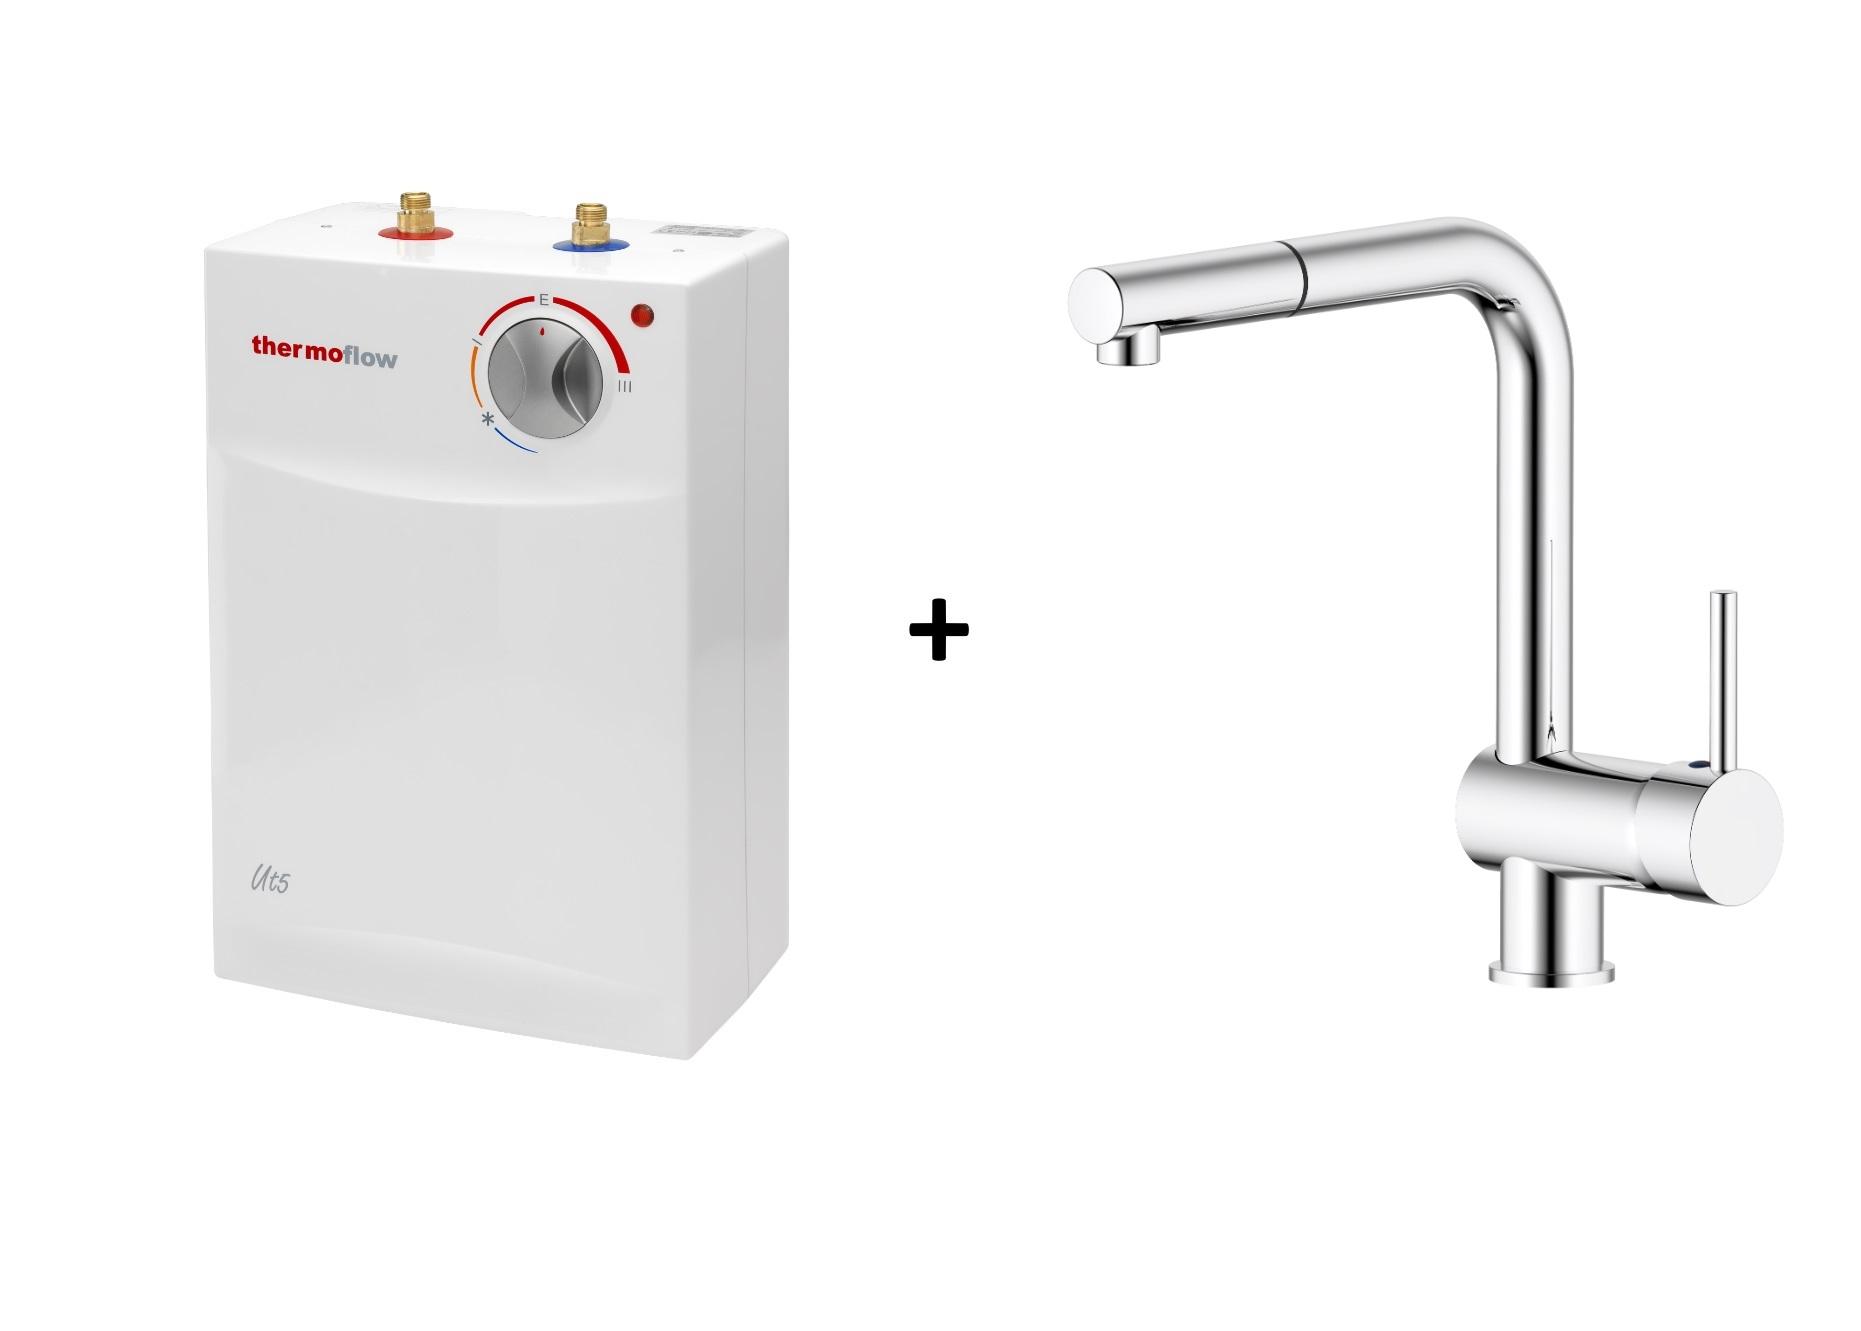 Thermoflow Untertischgerät 5l Untertisch Boiler Warmwasserspeicher + Armatur 2KW